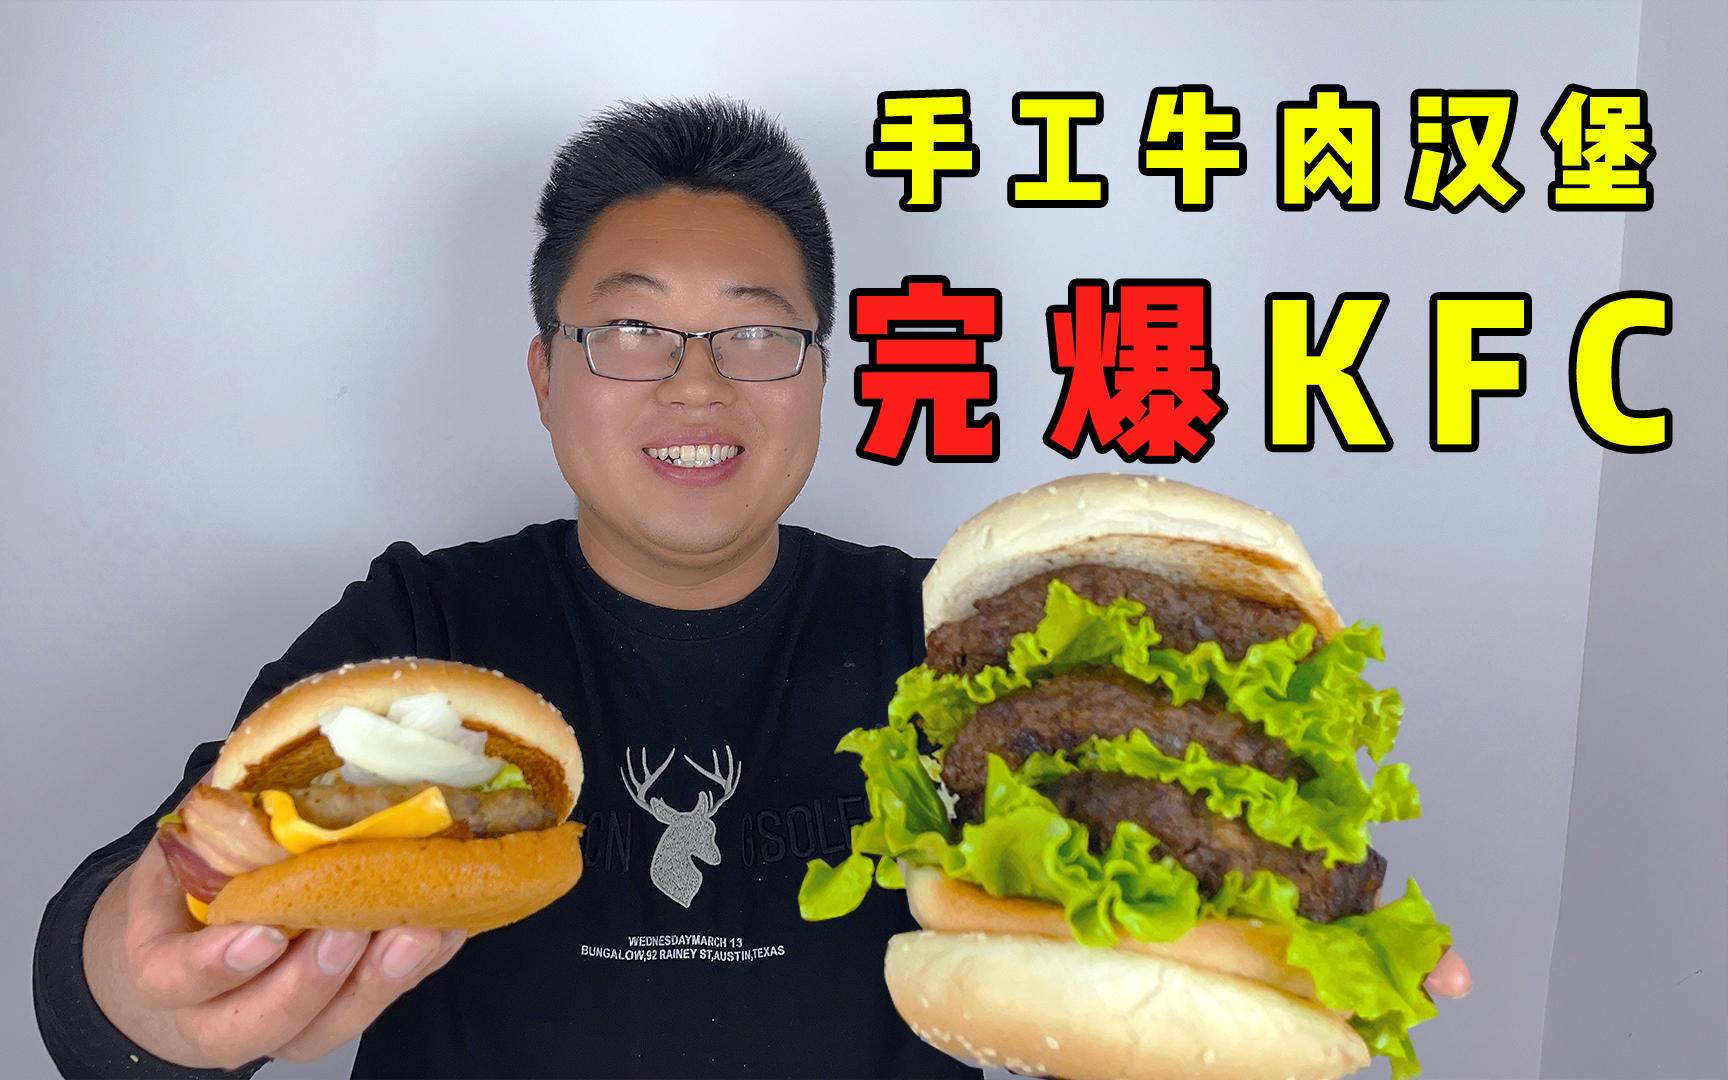 买肯德基牛肉汉堡,肉饼太薄,买2斤牛肉自制豪华汉堡,吃爽了!